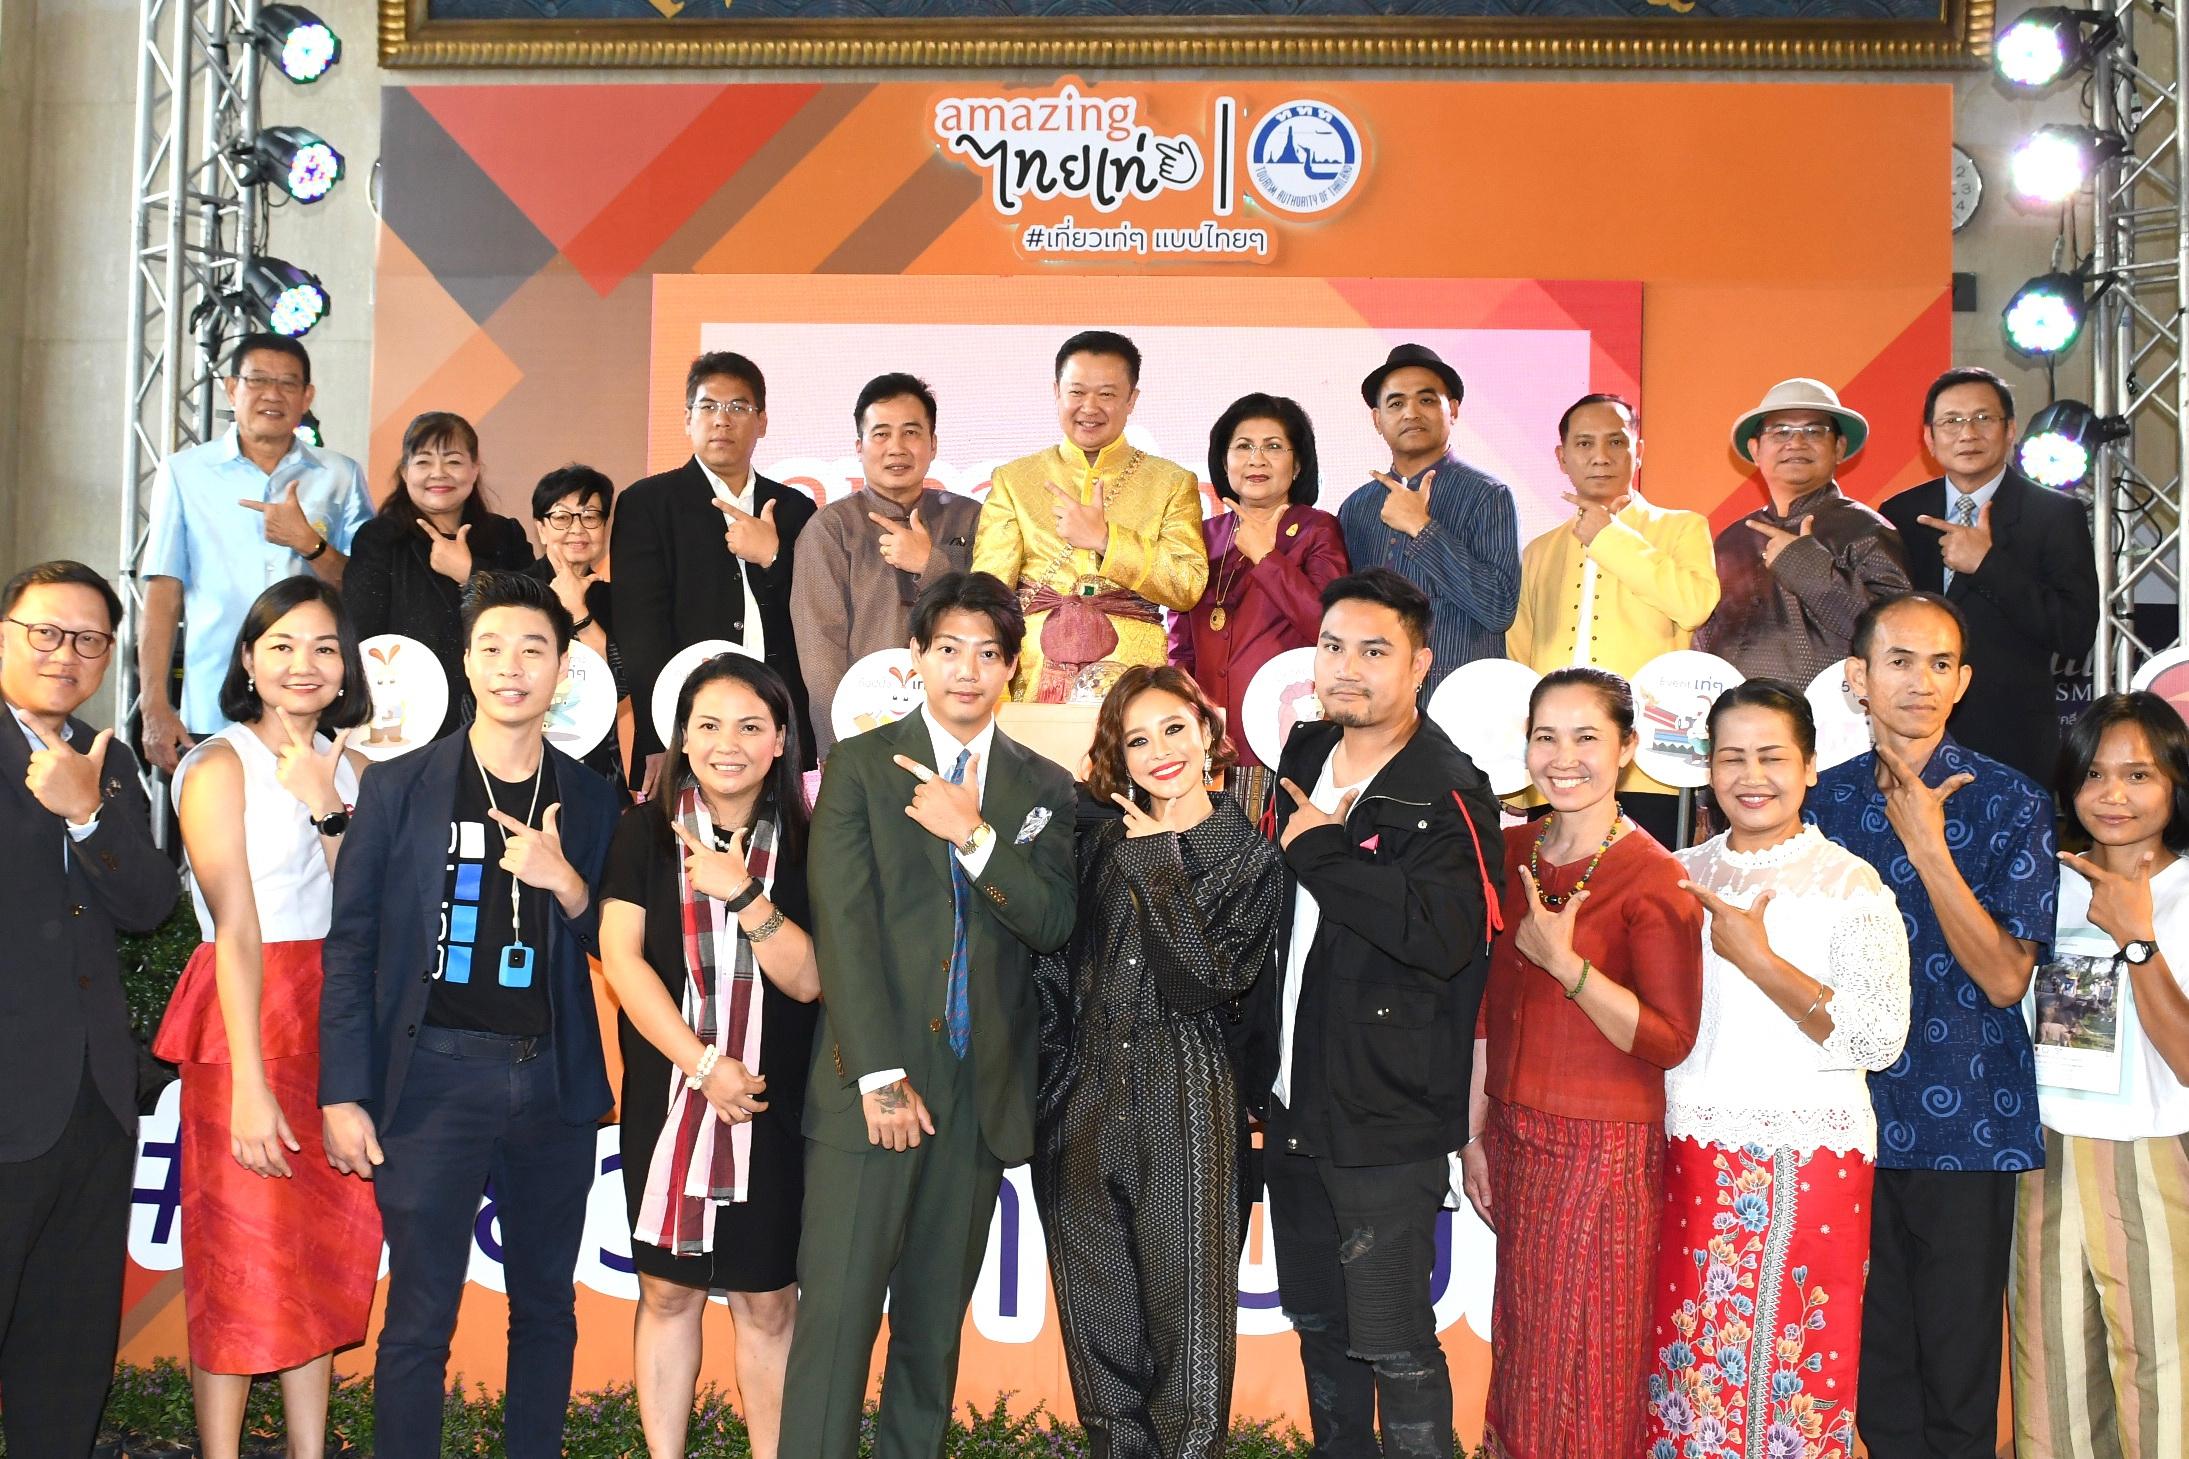 """ททท. จับมือพันธมิตร ชวนเที่ยวไทยกับกิจกรรมเท่ๆ ภายใต้โครงการ """"Amazing ไทยเท่"""" พร้อมตั้งเป้ารายได้ปี 62 เพิ่มร้อยละ 10.4"""